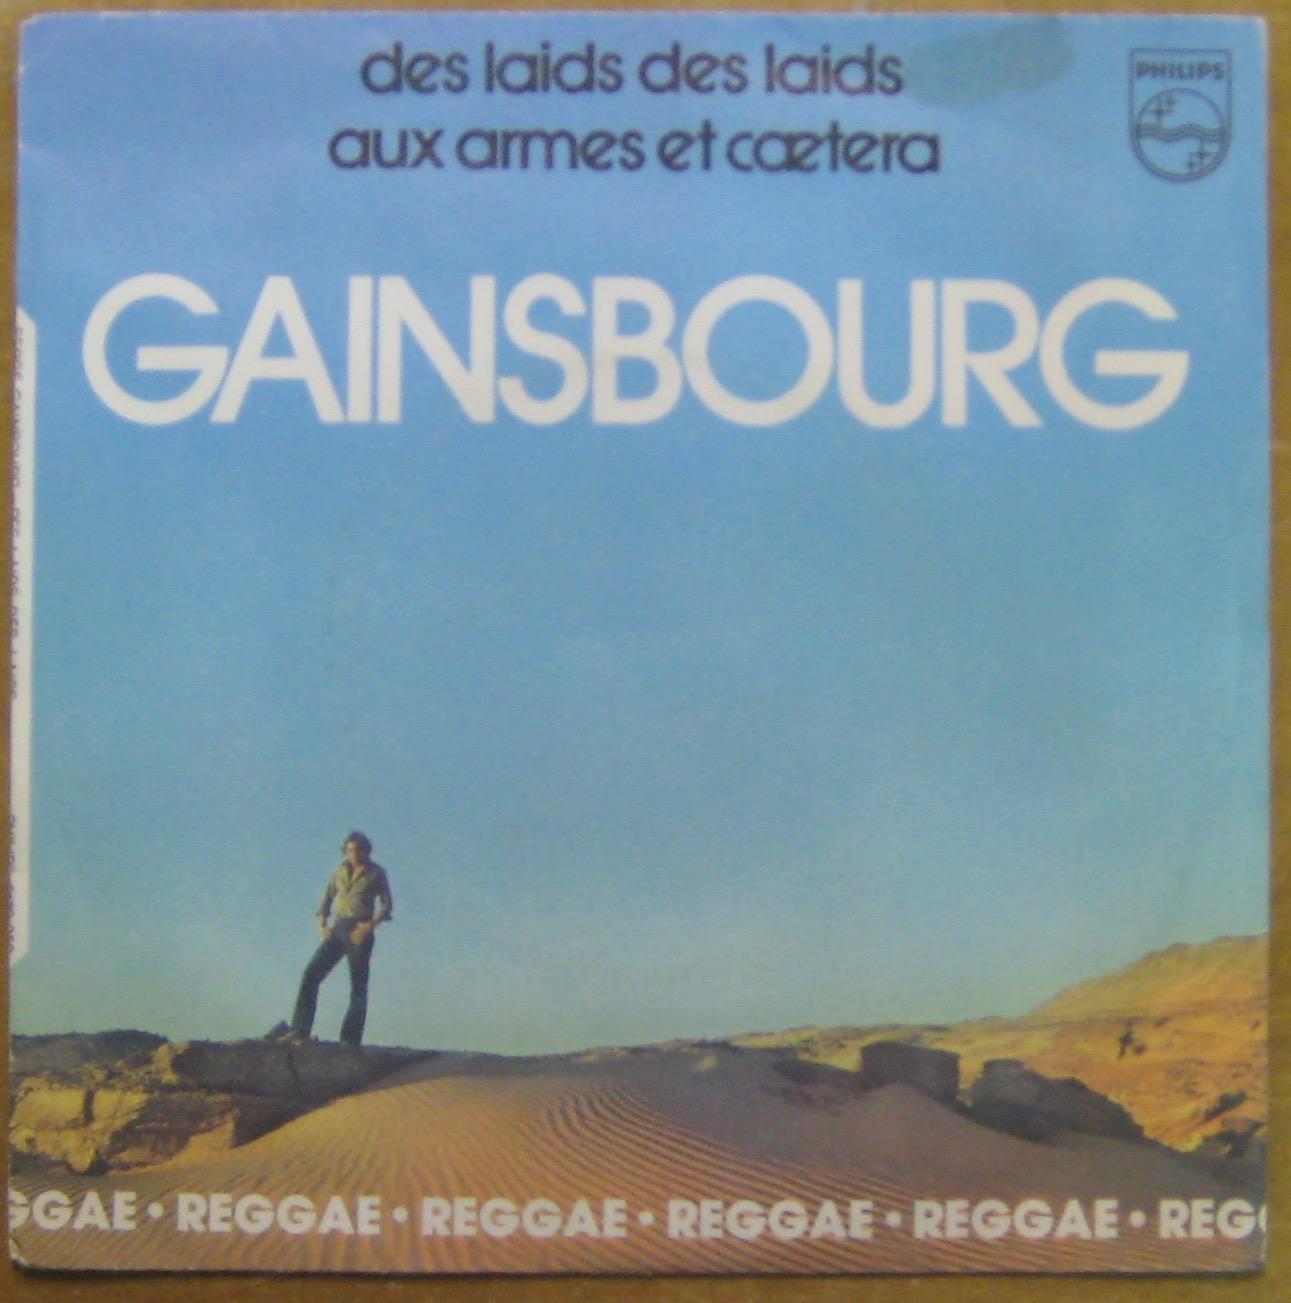 GAINSBOURG SERGE - Des laids des laids - 45T (SP 2 titres)